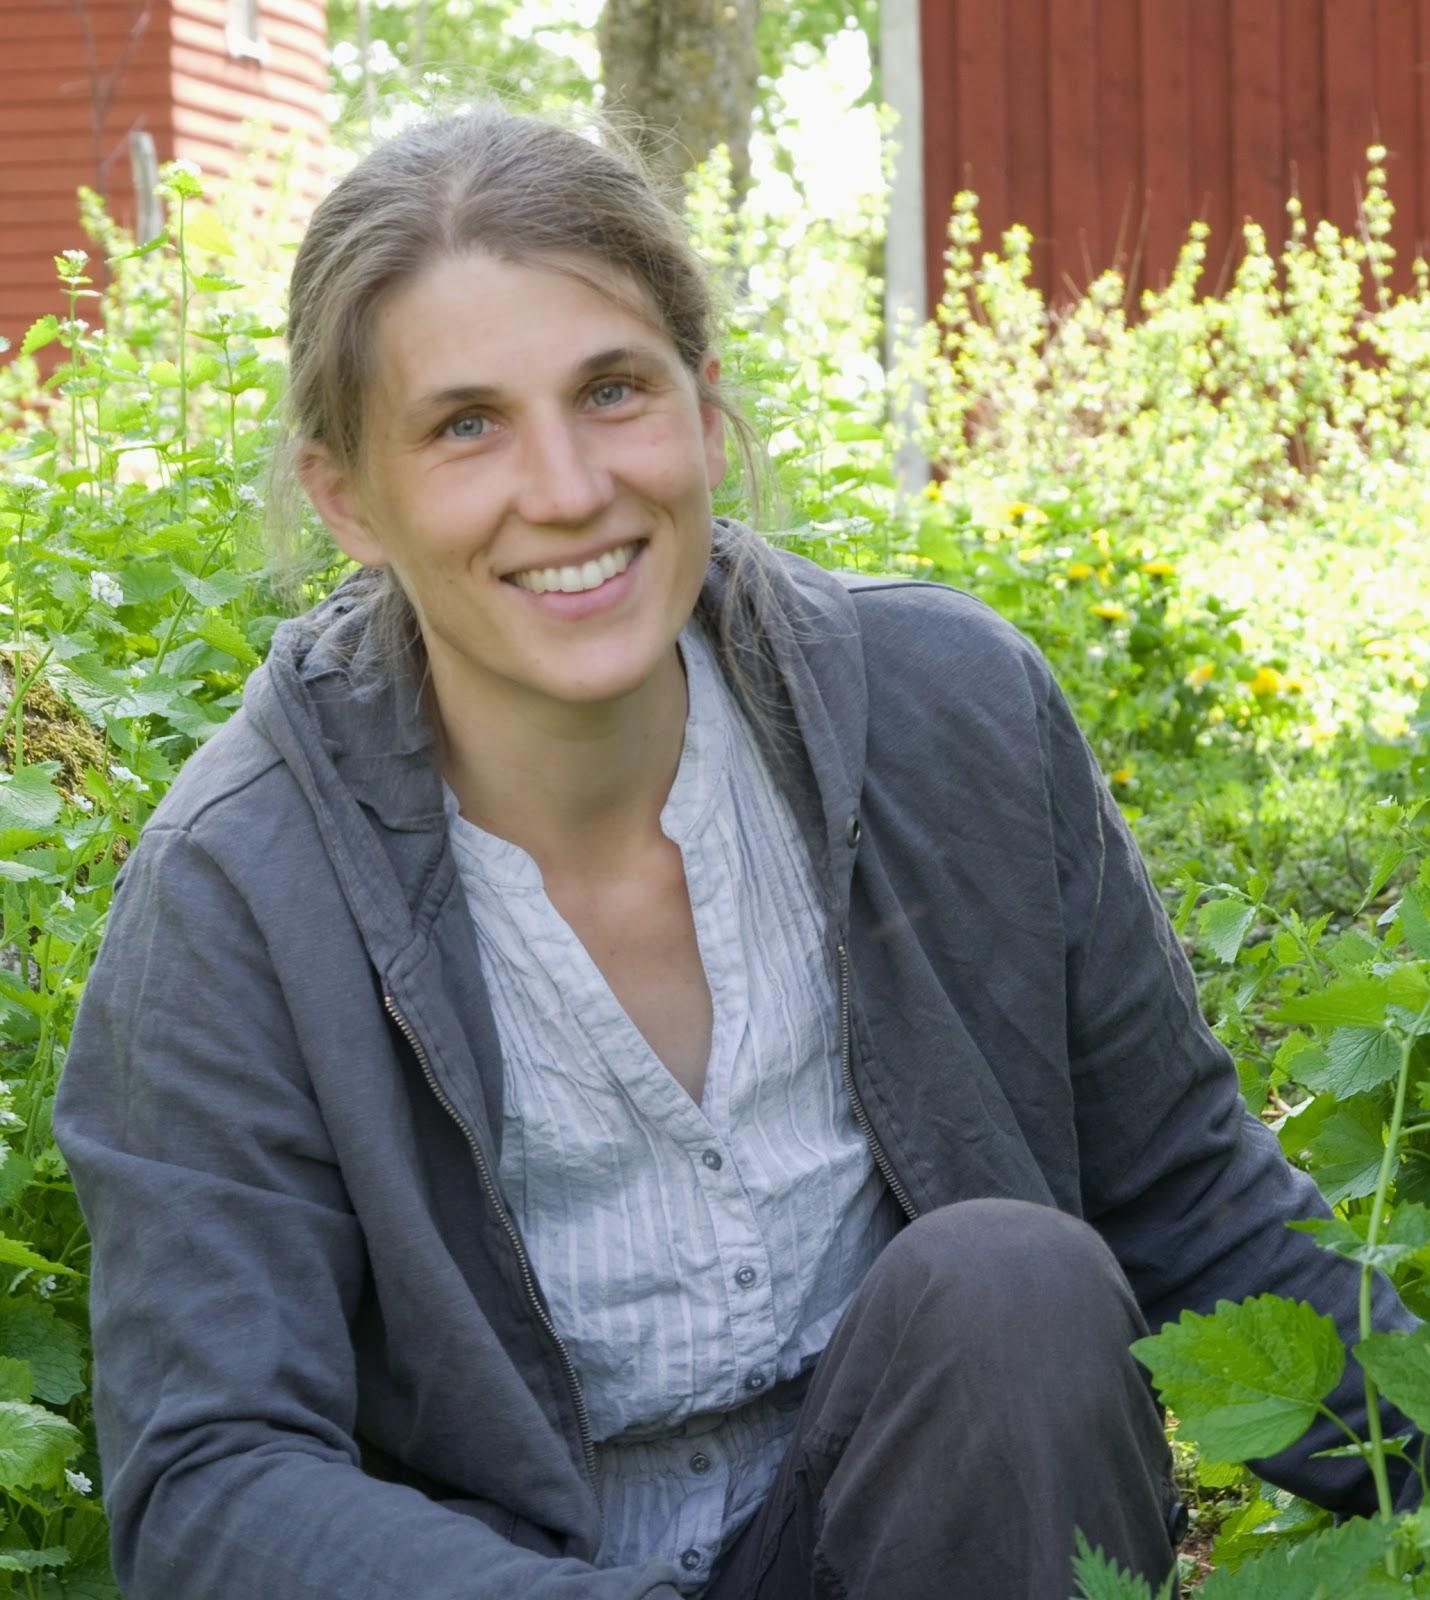 Drakängens trädgård: Sophia